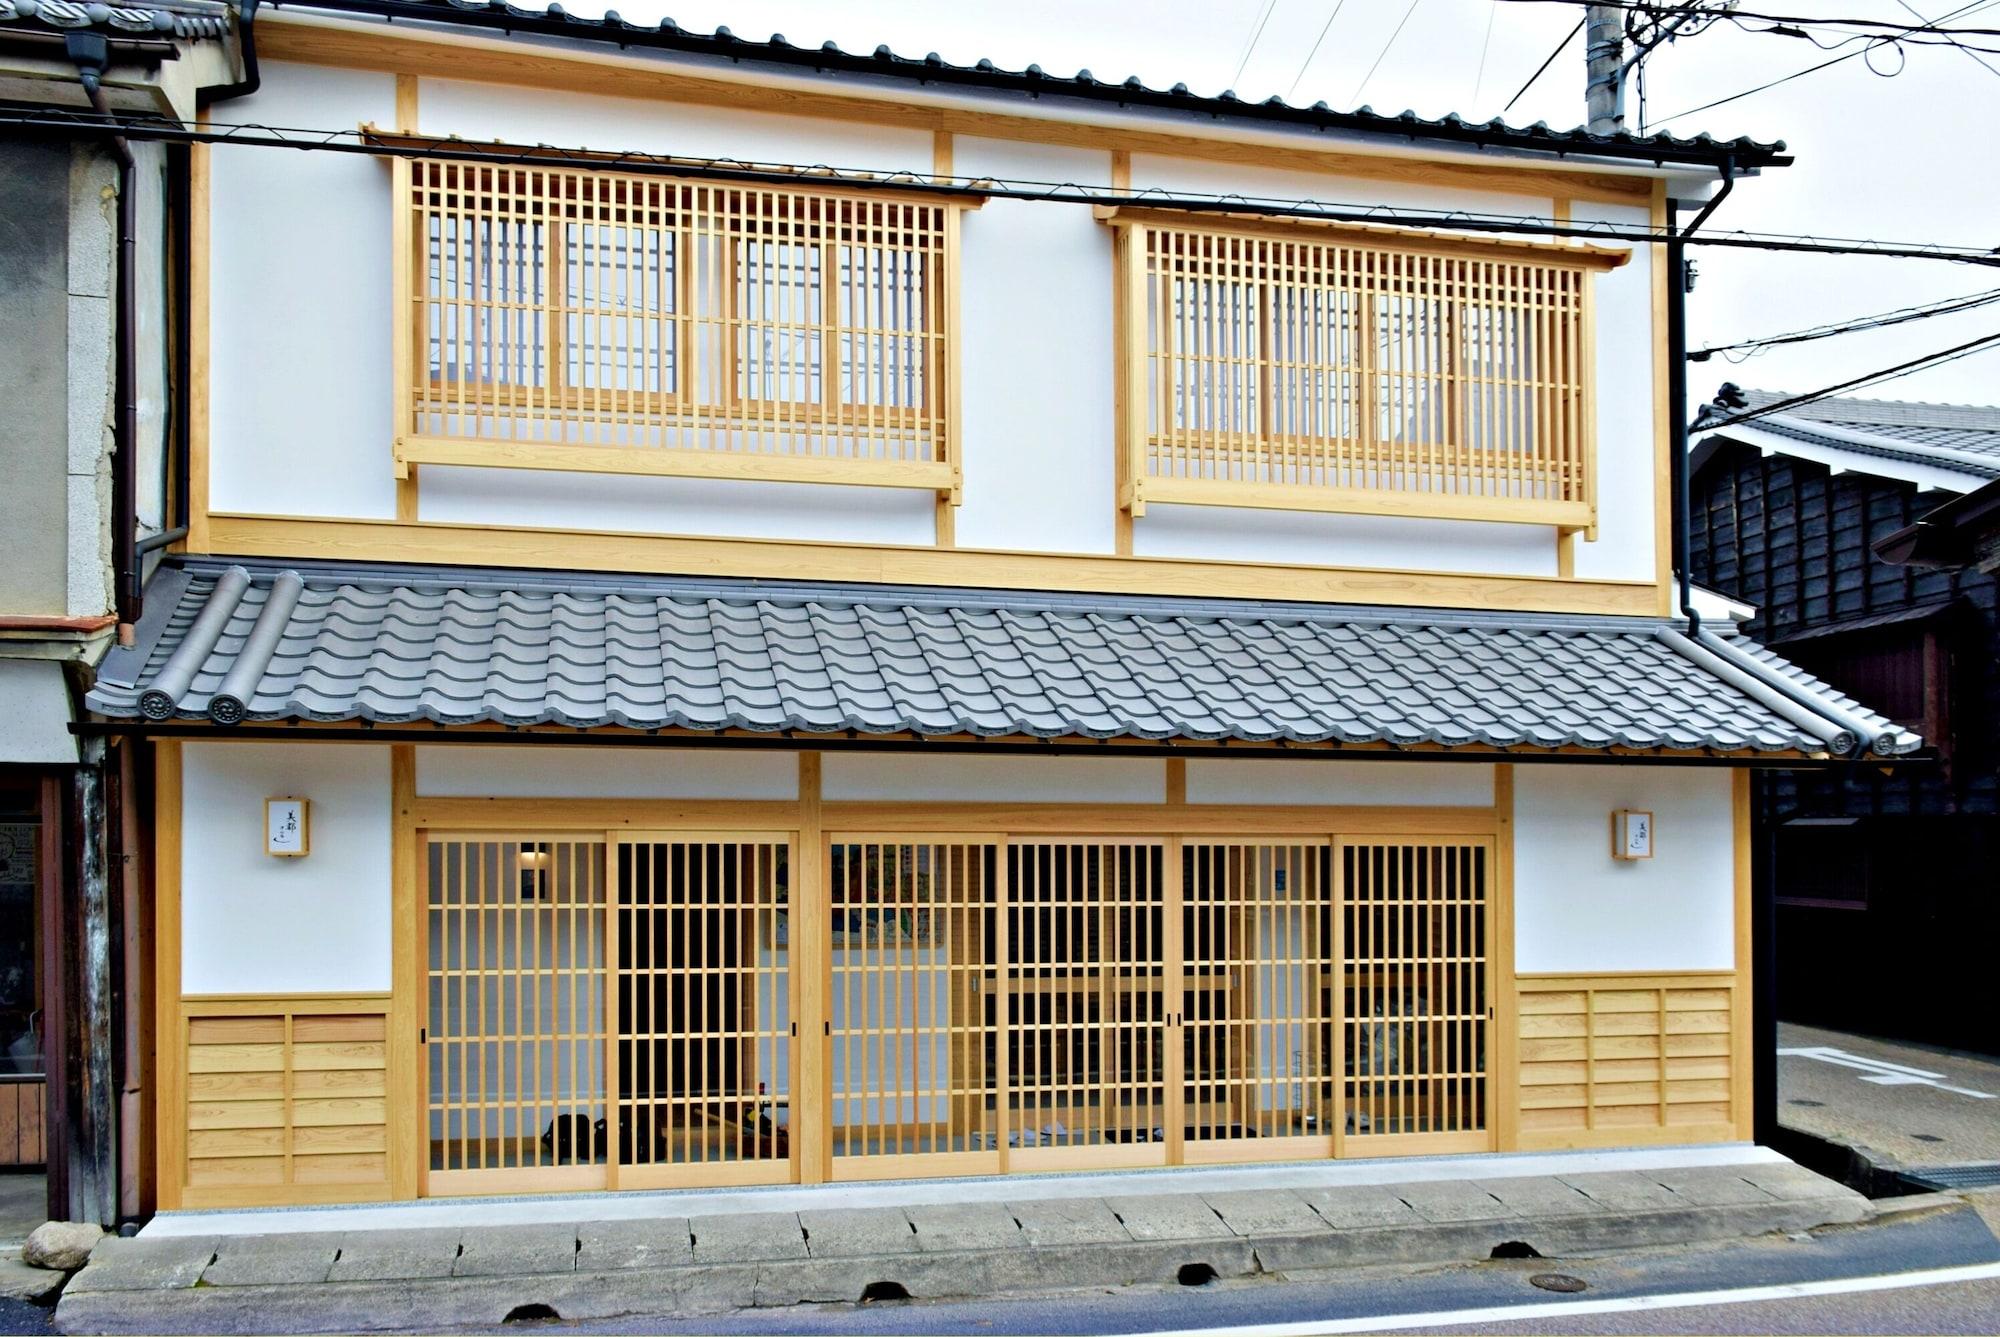 Bito Tsuyama-An LWx, Tsuyama